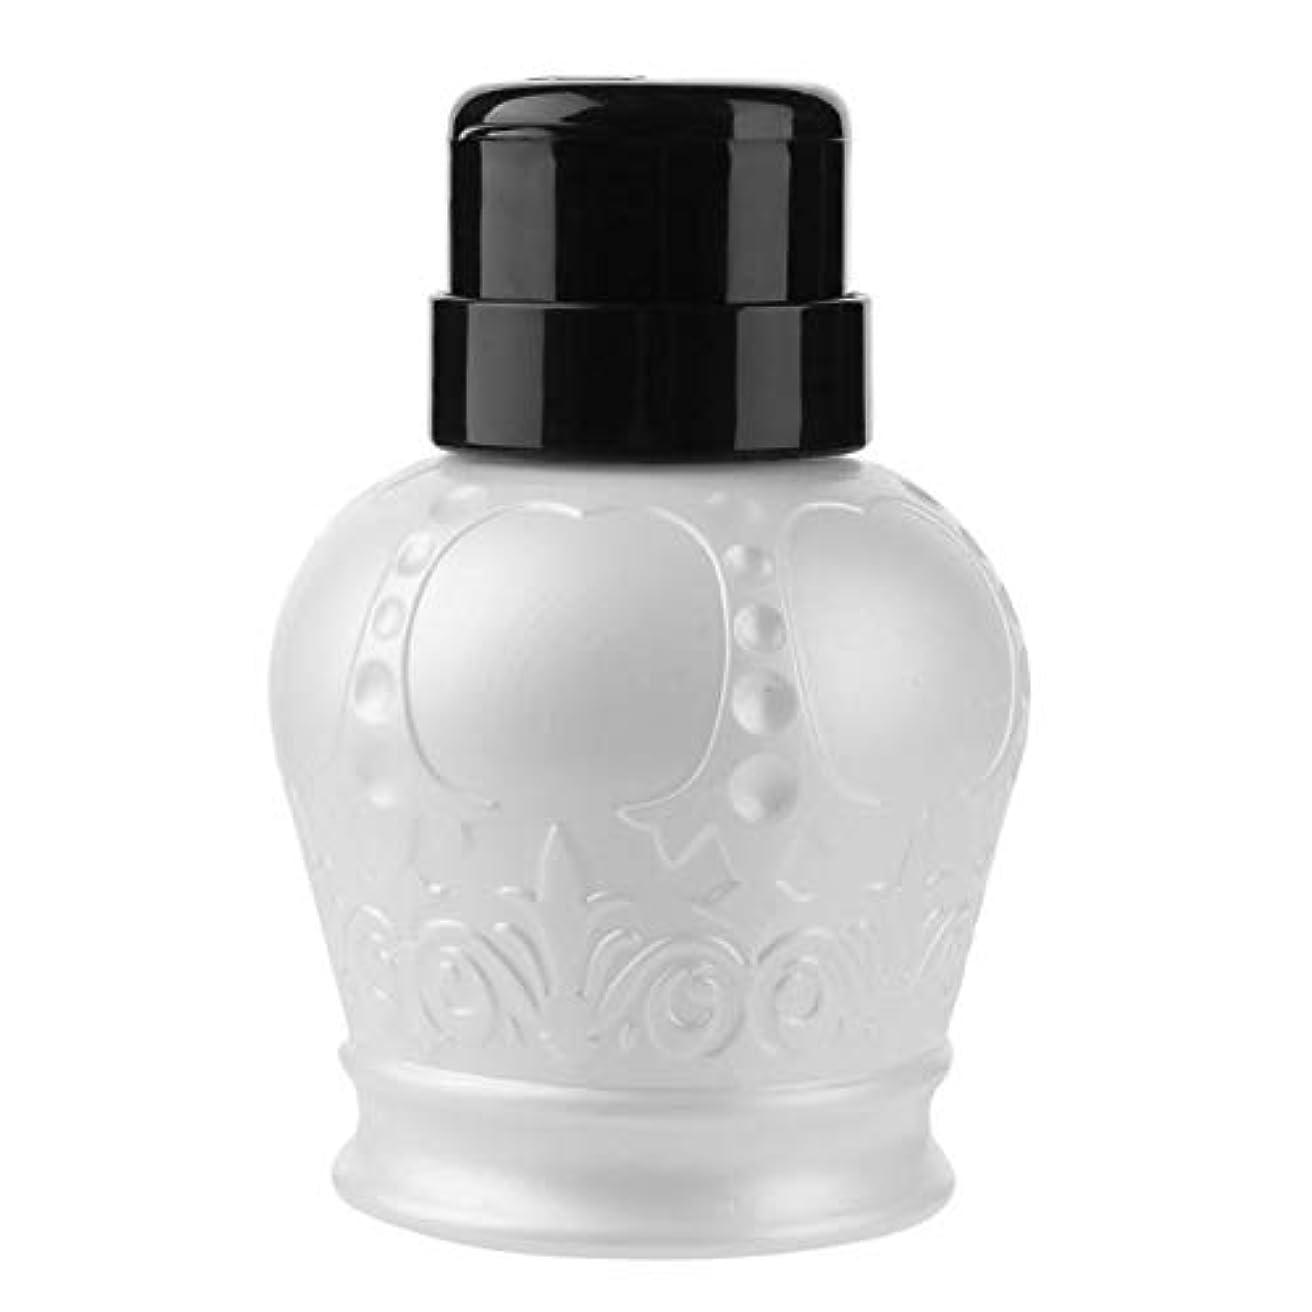 傾く適性料理TOOGOO ポンプディスペンサーネイルアート ポリッシュ ウォッシュリムーバー アルコール液体 クリーナー 空のプラスチックプレスポンプ ボトルネイルDiyマニキュアツール(ホワイト)